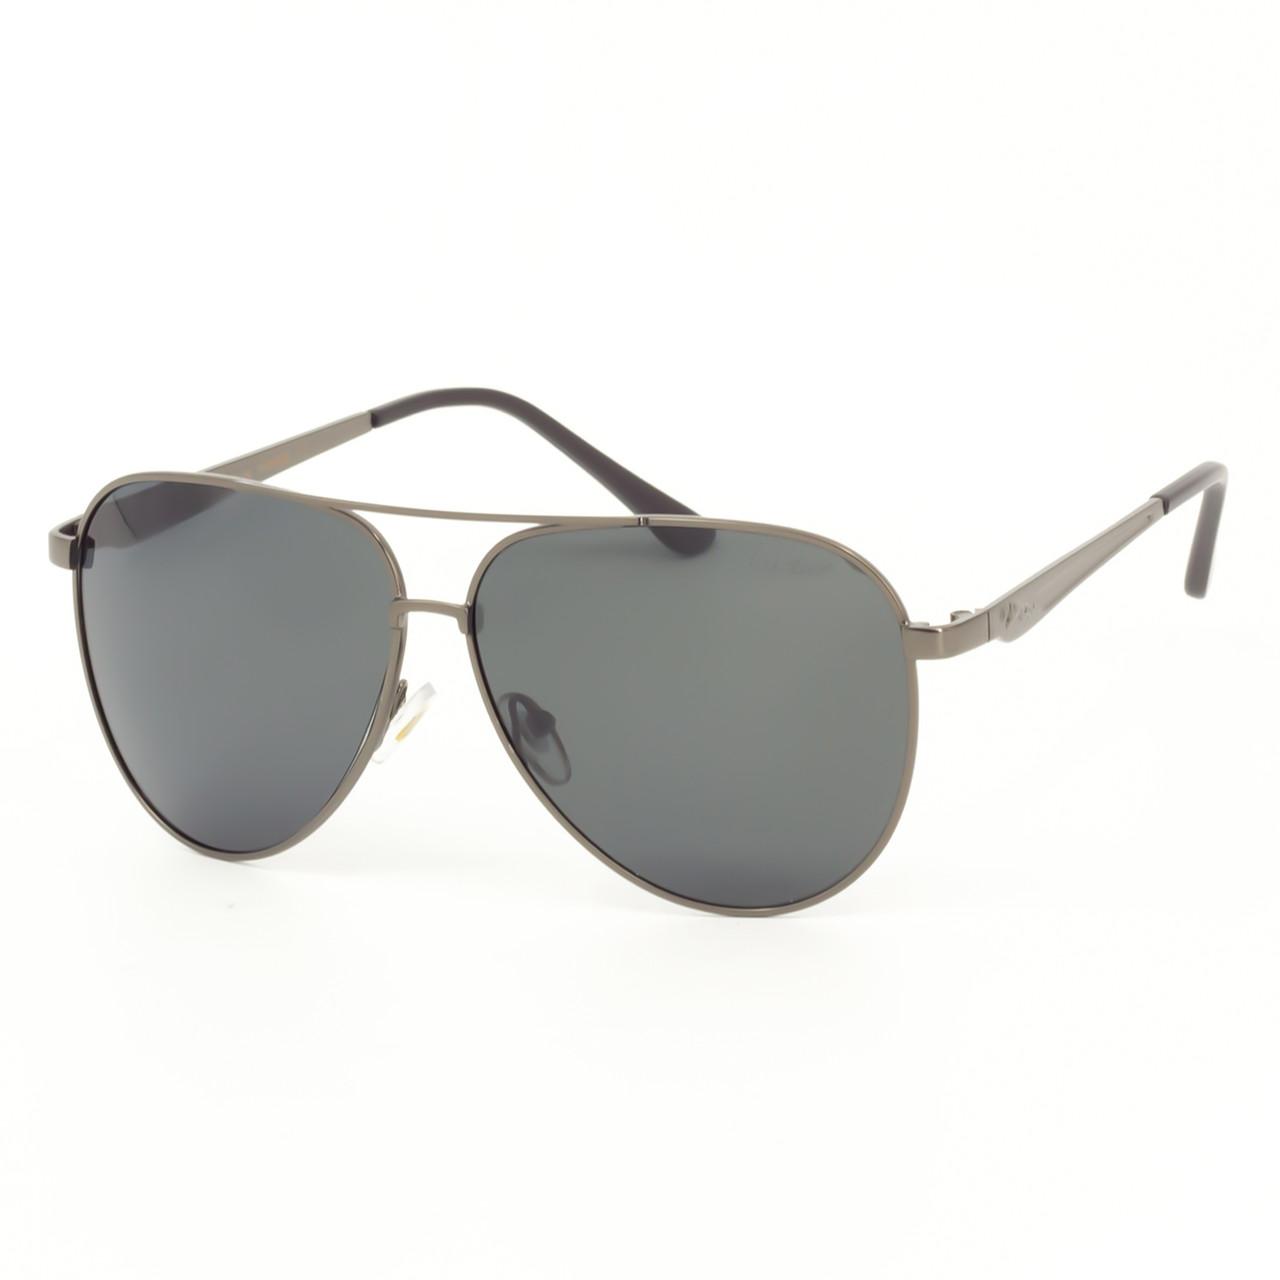 Сонцезахисні окуляри Cartier R00132 C2 сірі метал ( R00132-02 )